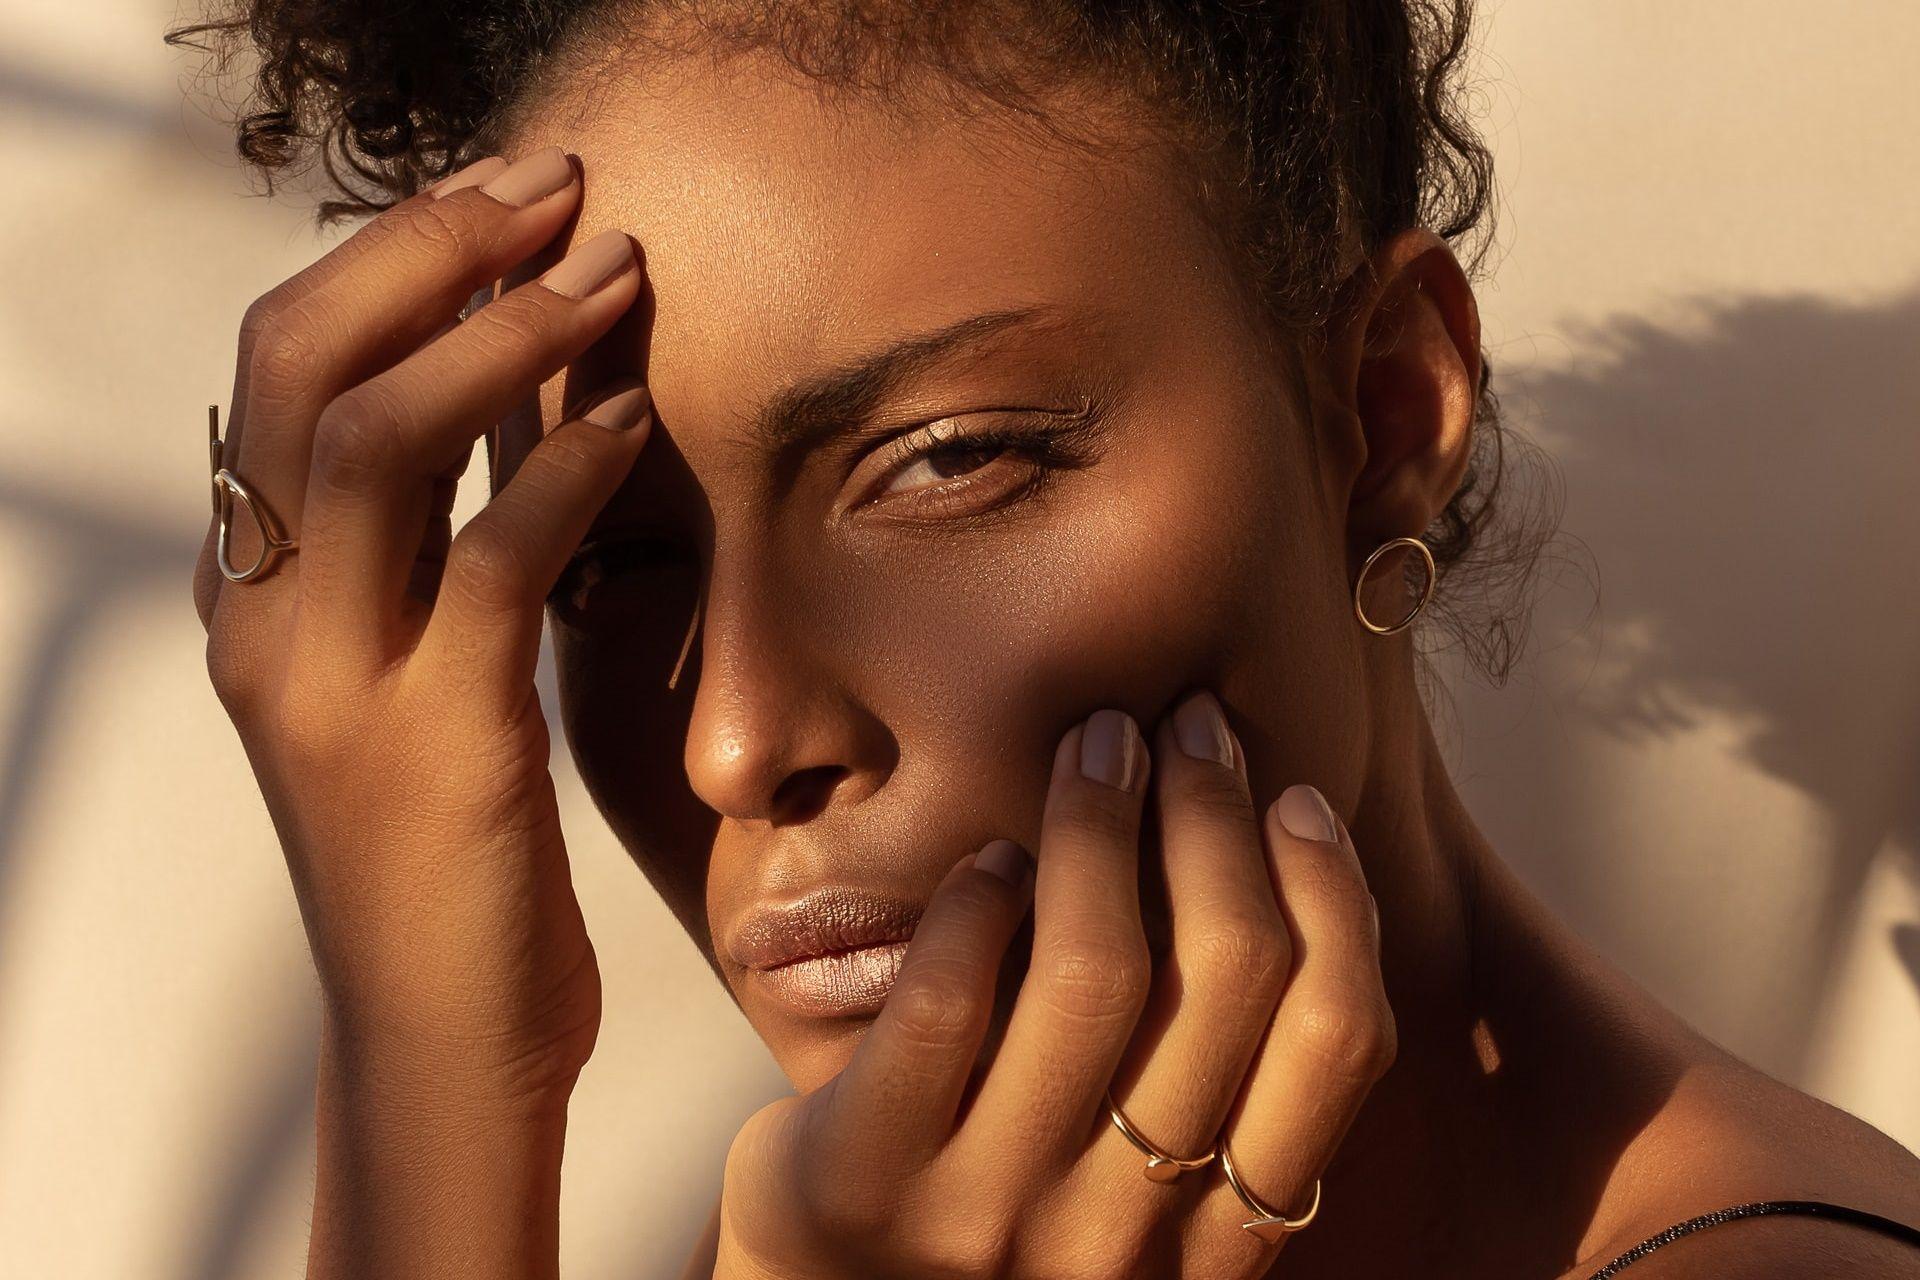 Banyak yang Belum Tahu, Ini 10 Manfaat Gliserin untuk Kecantikan